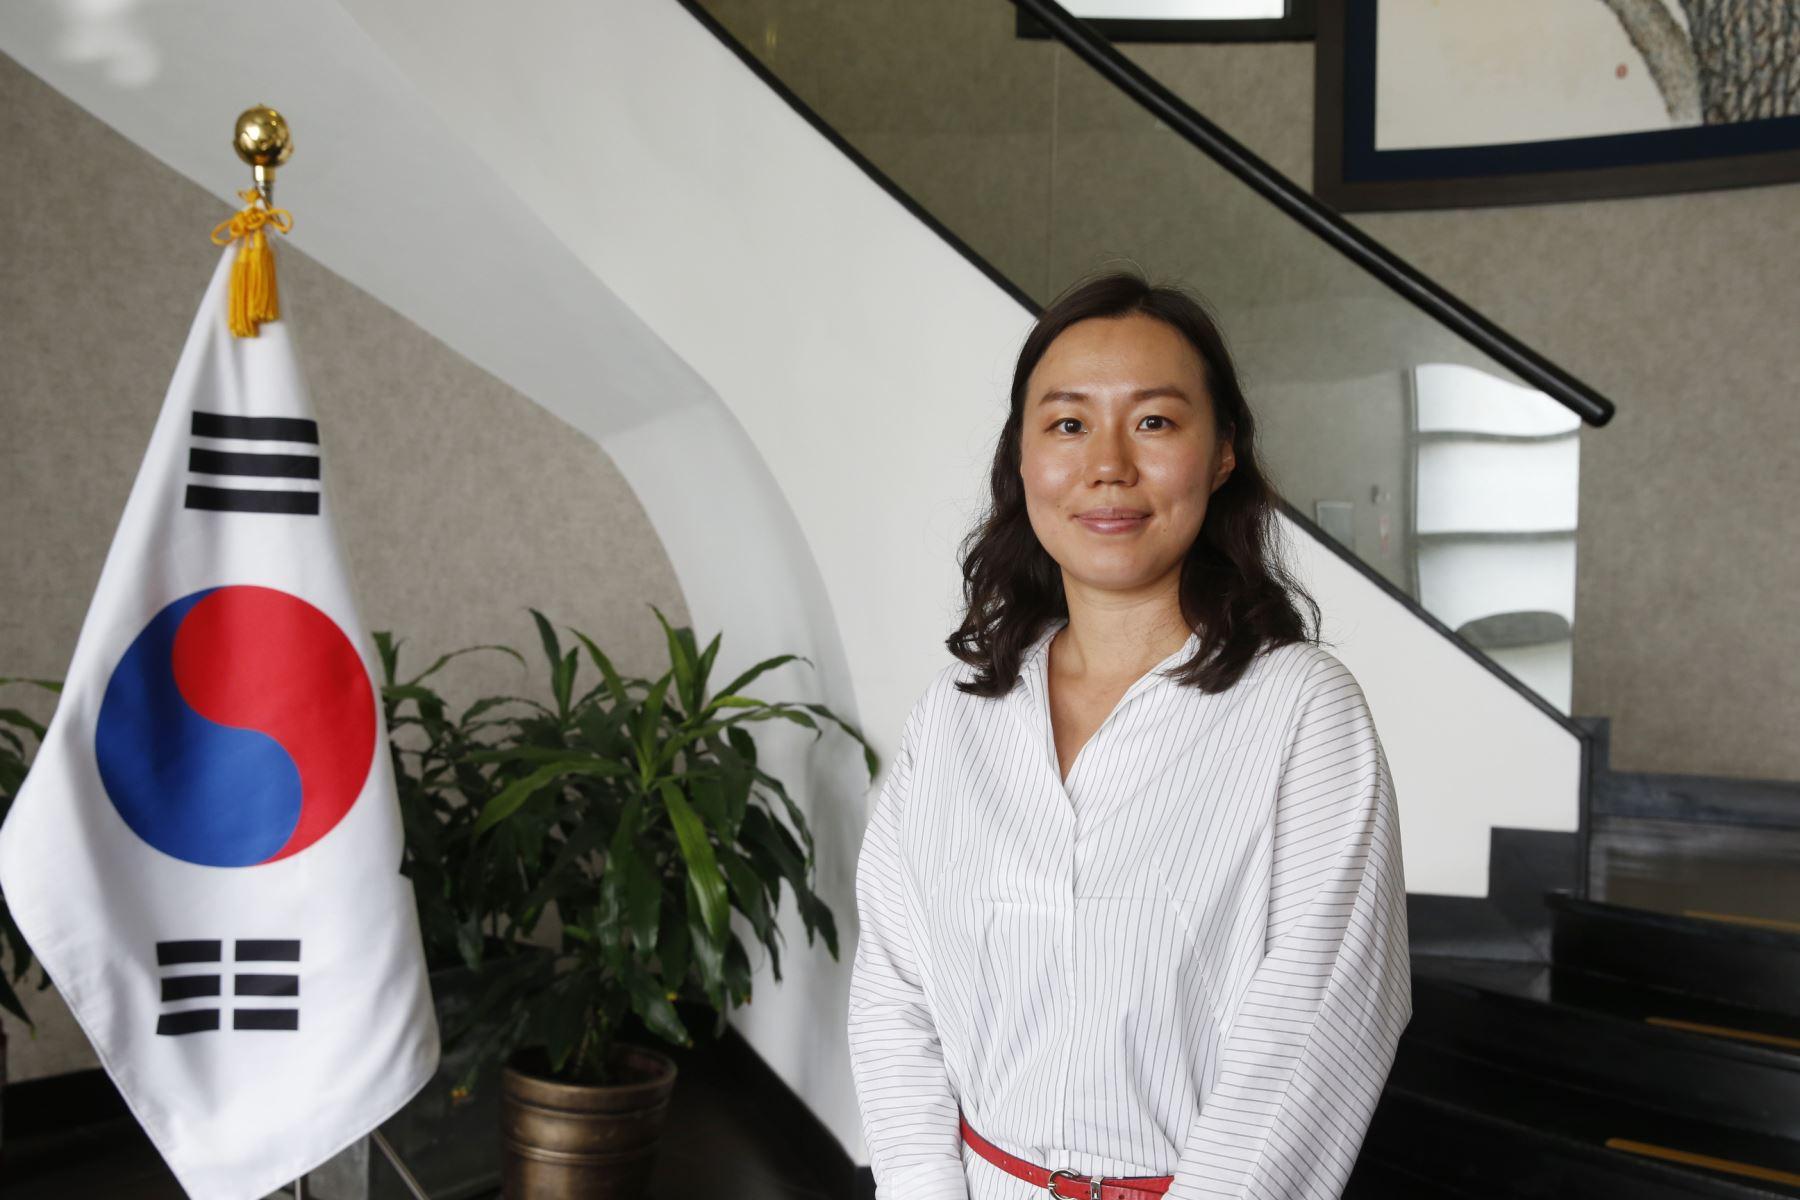 Segunda Secretaria y Cónsul de la Embajada de la República de Corea, Seoung Eunji, informa sobre becas integrales que ofrece Estado coreano a peruanos. ANDINA/Nathalie Sayago